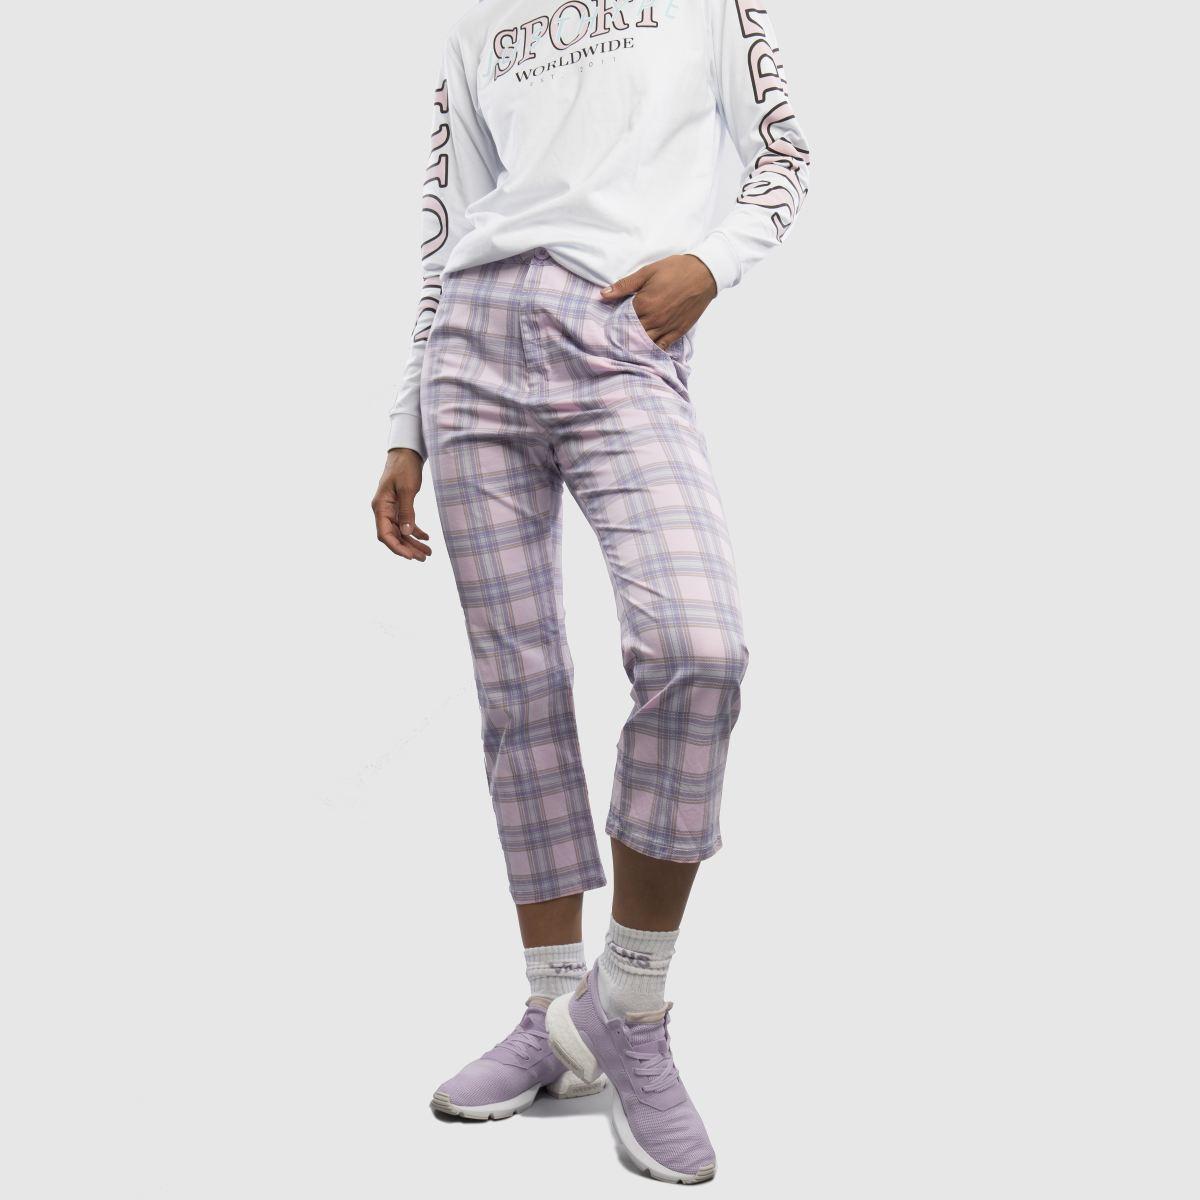 Damen Blaulila Gute adidas Pod-s3.1 Sneaker | schuh Gute Blaulila Qualität beliebte Schuhe d13e7f